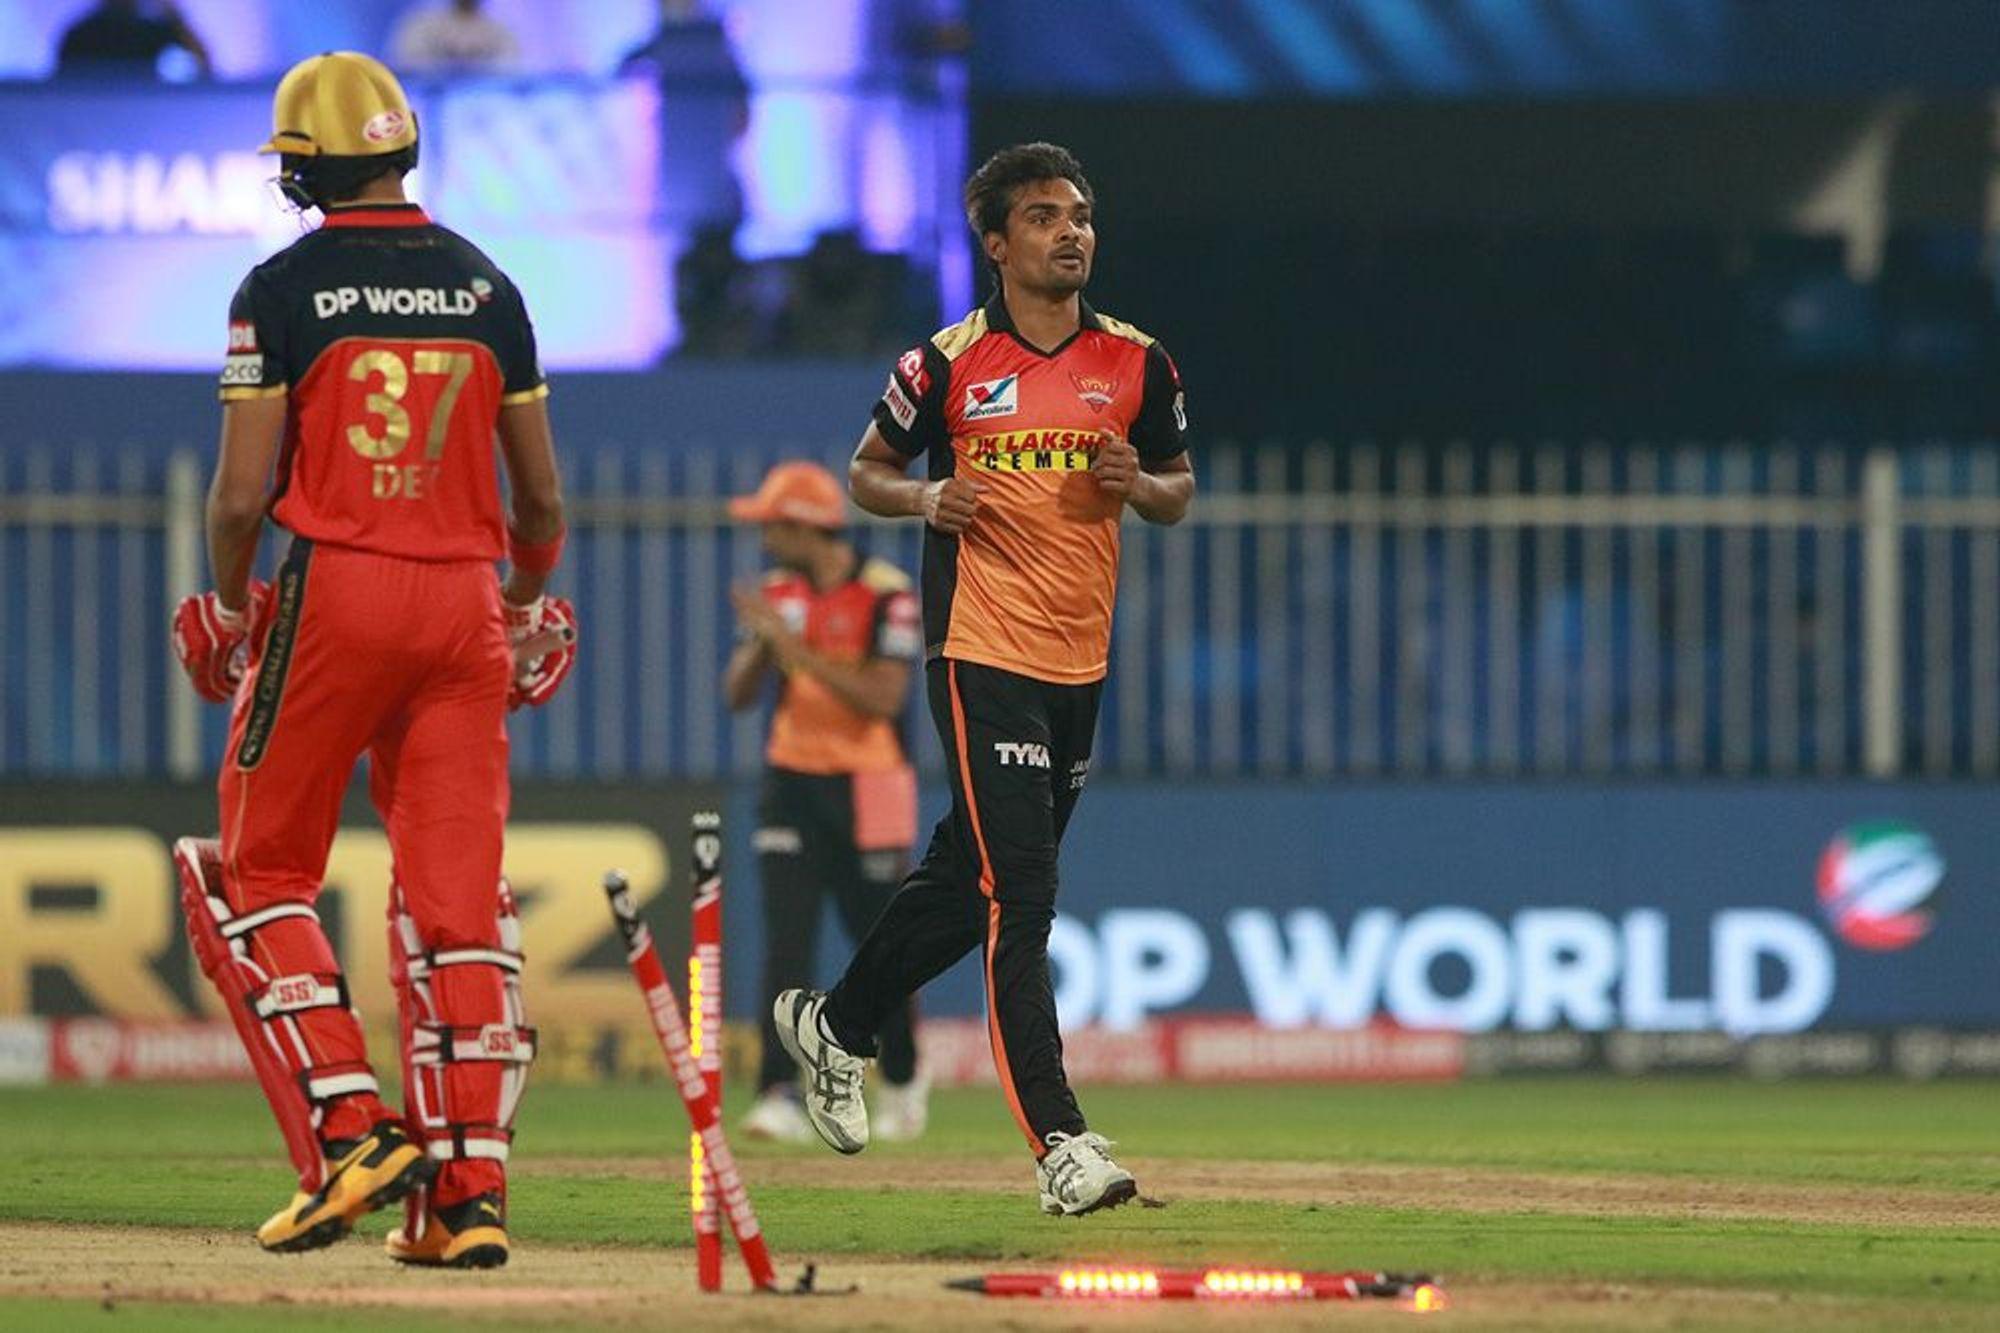 SRHvsRCB: मैदान पर इस शख्स की मदद से मैच विनिंग प्रदर्शन कर सके संदीप शर्मा, मैन ऑफ द मैच अवॉर्ड जीतने के बाद किया खुलासा 1